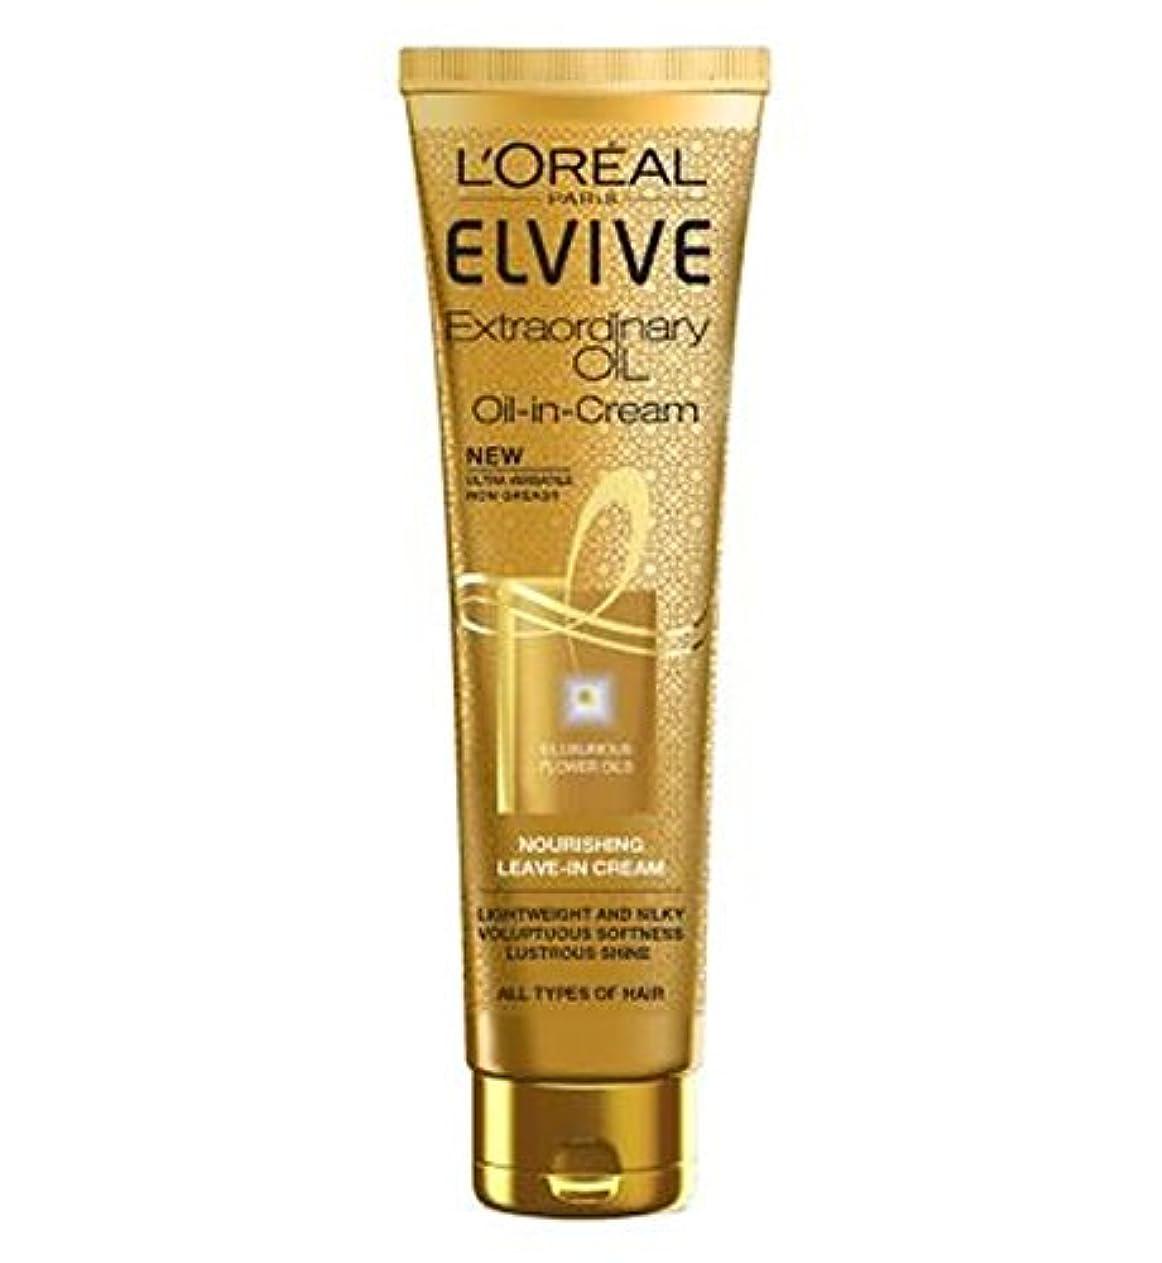 近似アンテナ恨みすべての髪のタイプのクリームでロレアルパリElvive臨時オイル (L'Oreal) (x2) - L'Oreal Paris Elvive Extraordinary Oil in Cream All Hair Types...